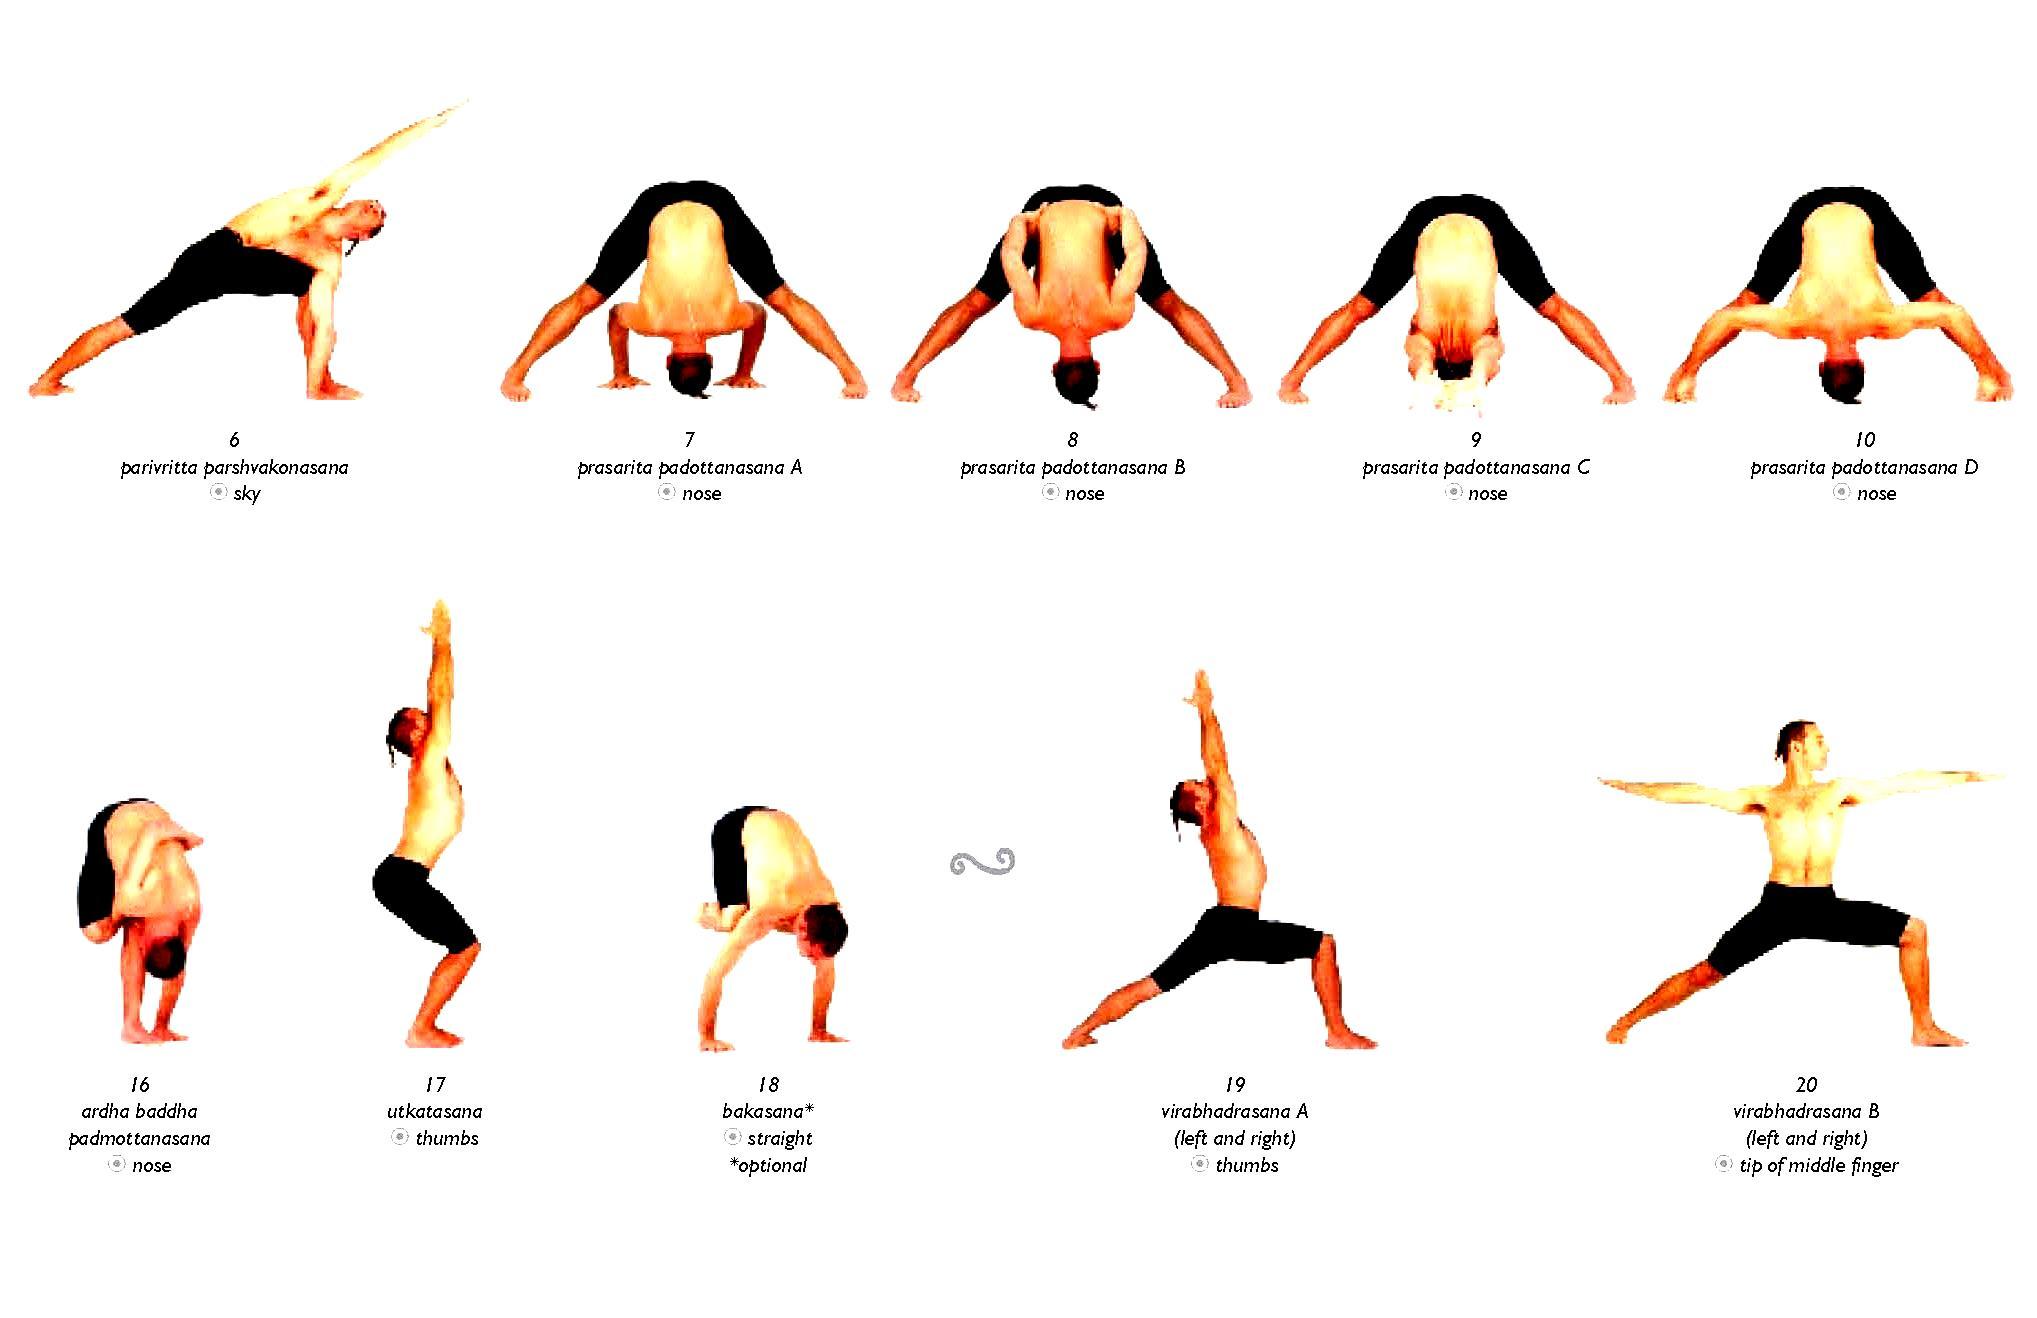 Difficult Yoga Poses And Names Asana Yoga Poses asana...